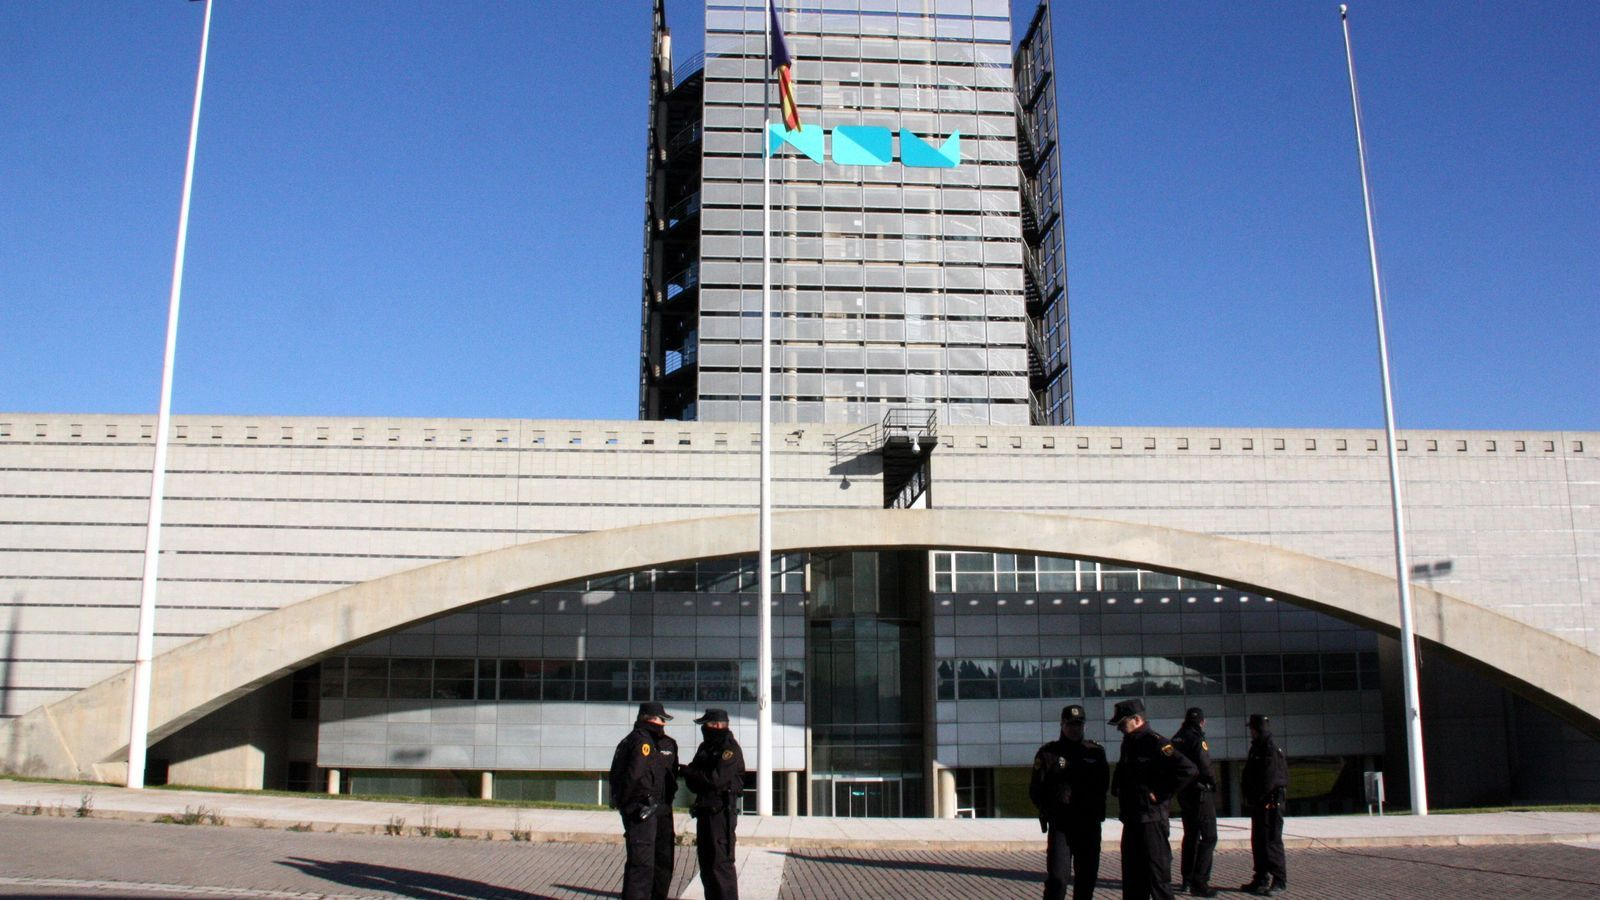 Centre de producció de programes de Radiotelevisió Valenciana, a Burjassot. / JOSÉ SOLER / ACN